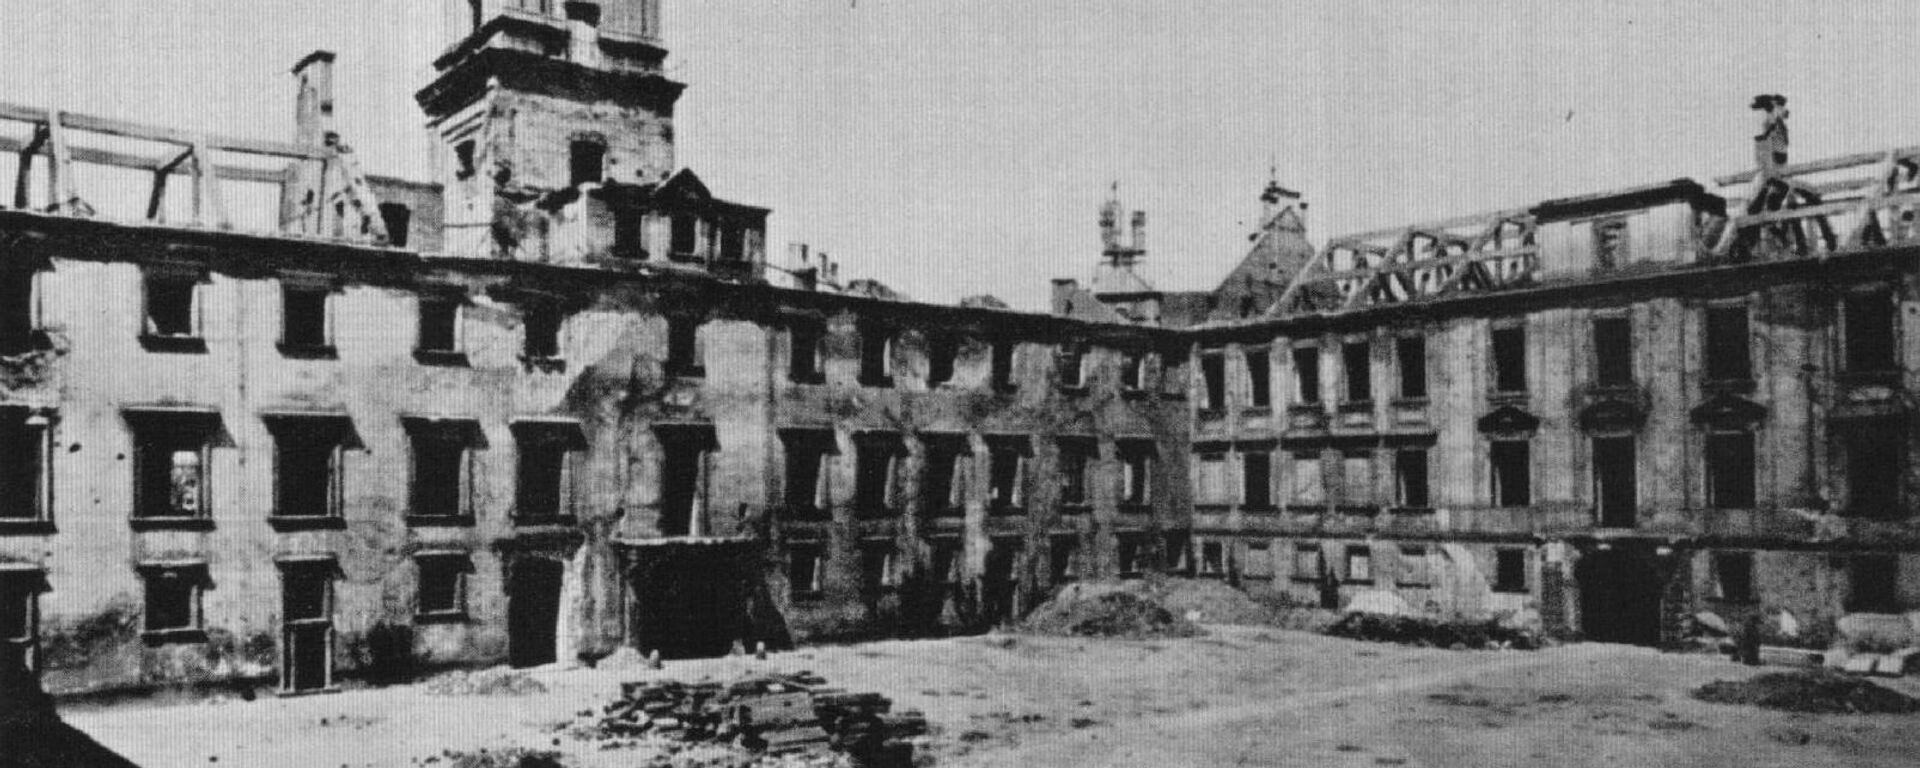 Zamek Królewski w 1941 roku bez dachu, celowo usunięty przez Niemców w celu przyspieszenia procesu dewastacji - Sputnik Polska, 1920, 28.02.2021